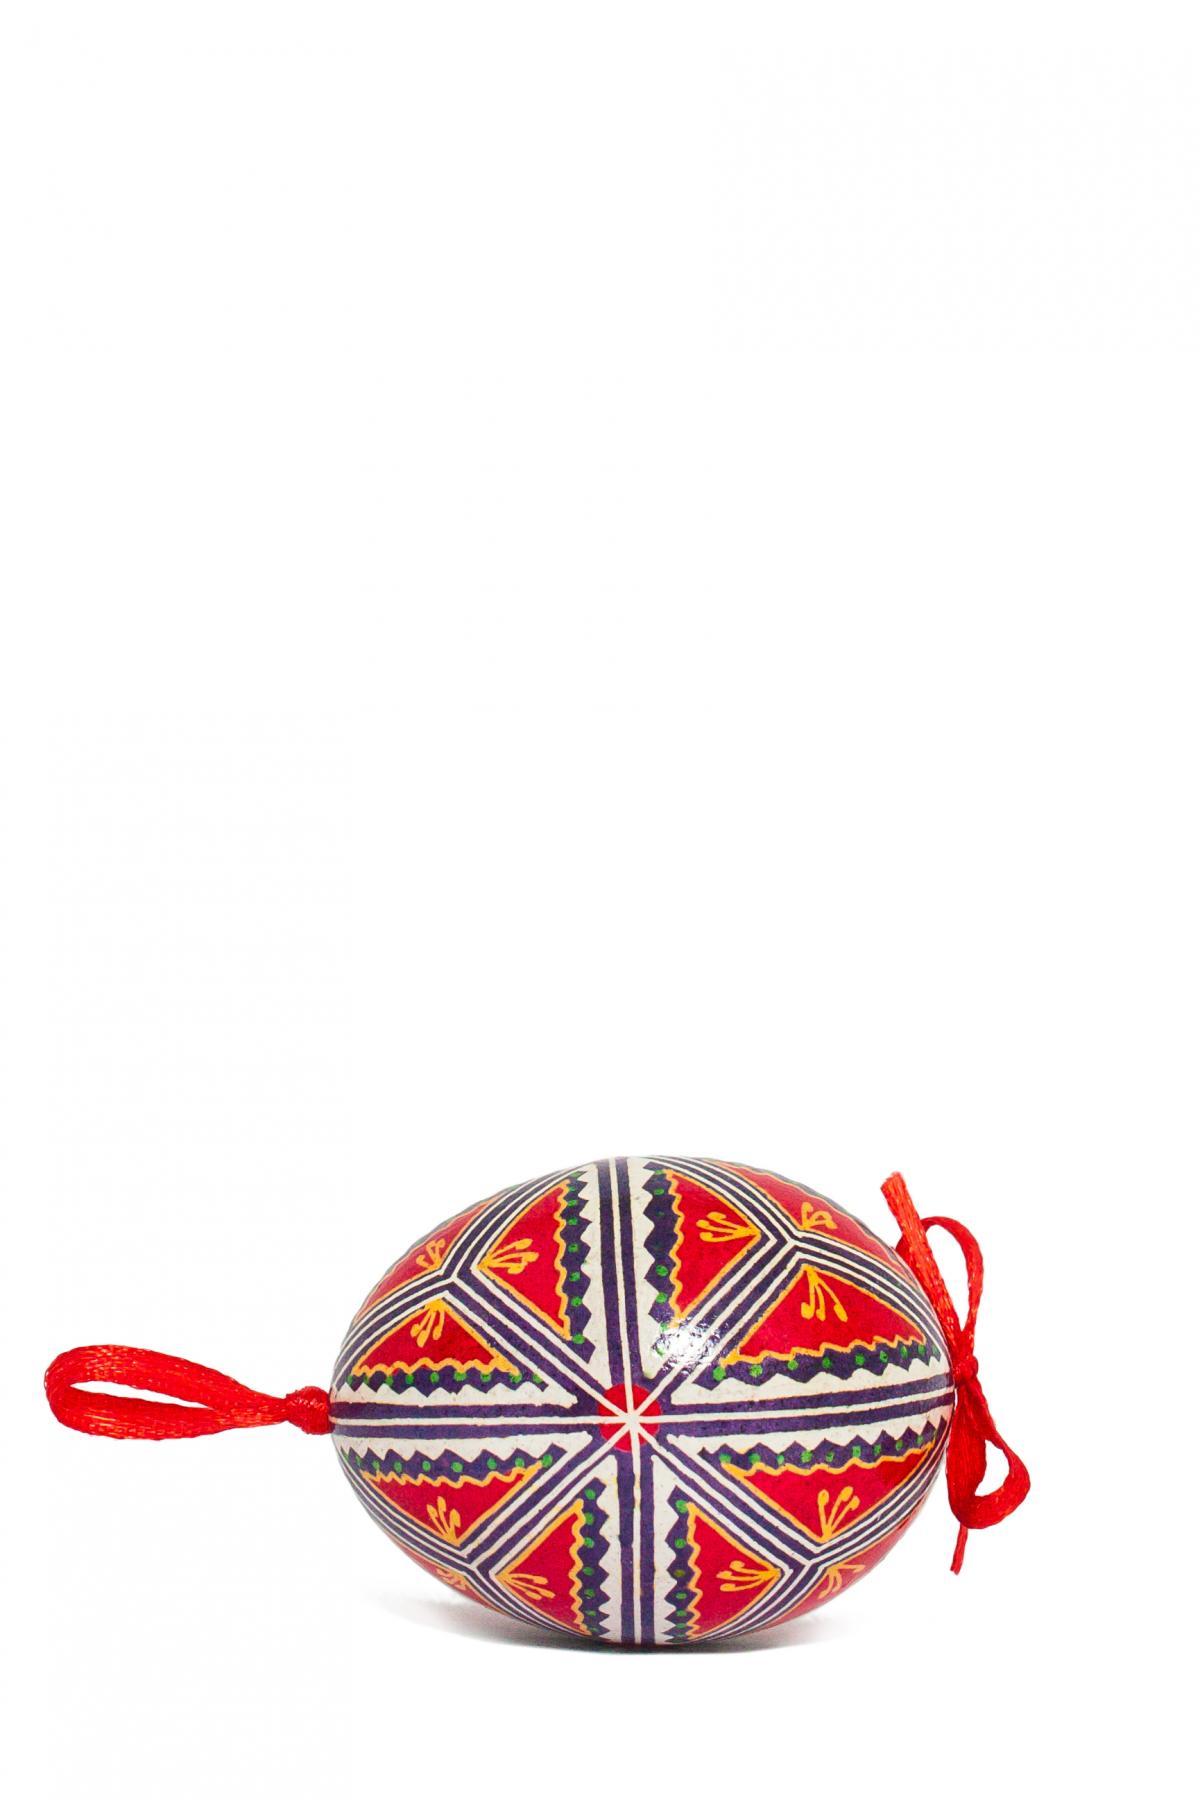 Писанка из натурального яйца. Фото №1. | Народный дом Украина